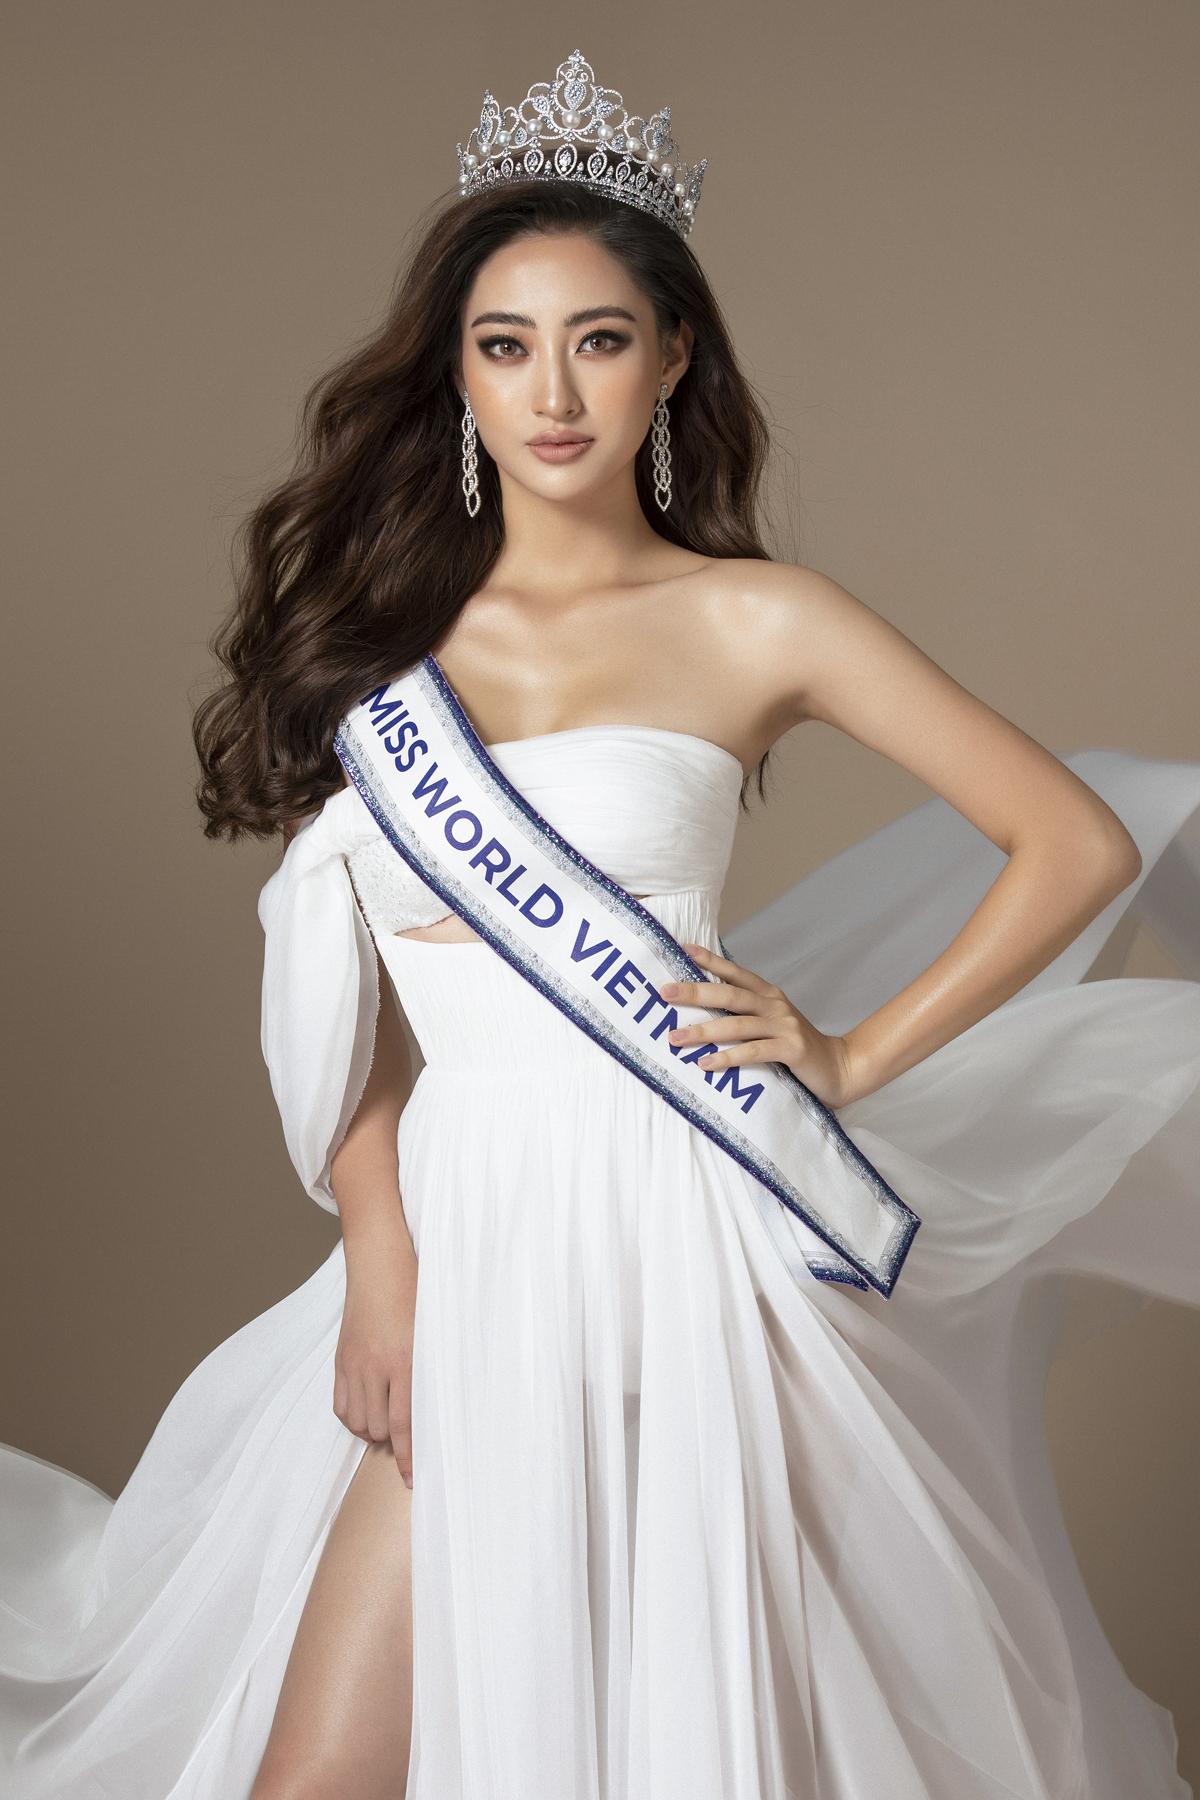 Hoa hậu Lương Thùy Linh luôn ý thức việc giữ gìn vóc dáng, thần thái tươi trẻ mỗi khi xuất hiện trước công chú.